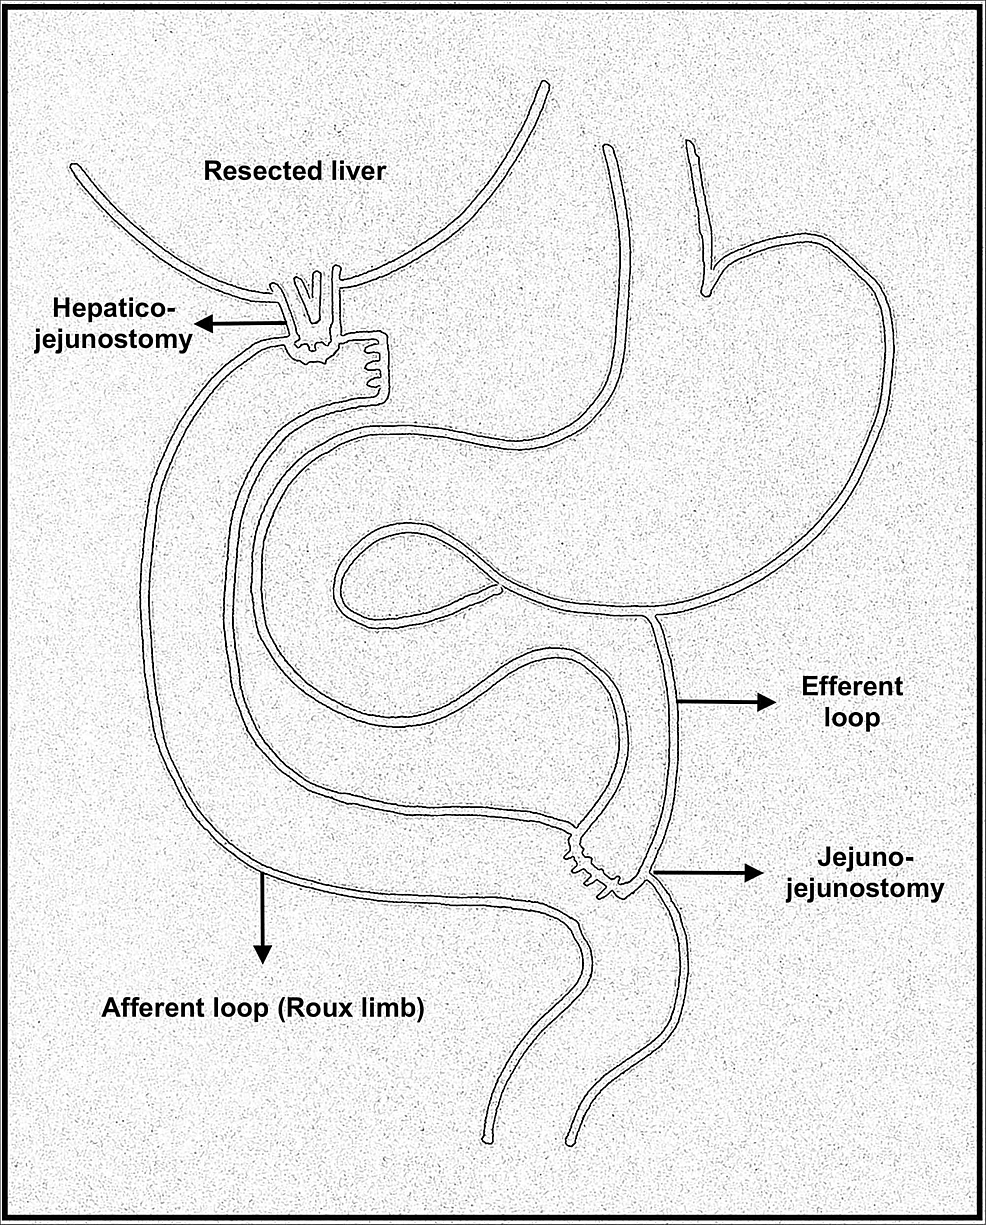 A-sketch-depicting-a-Roux-en-Y-hepatico-jejunostomy.-